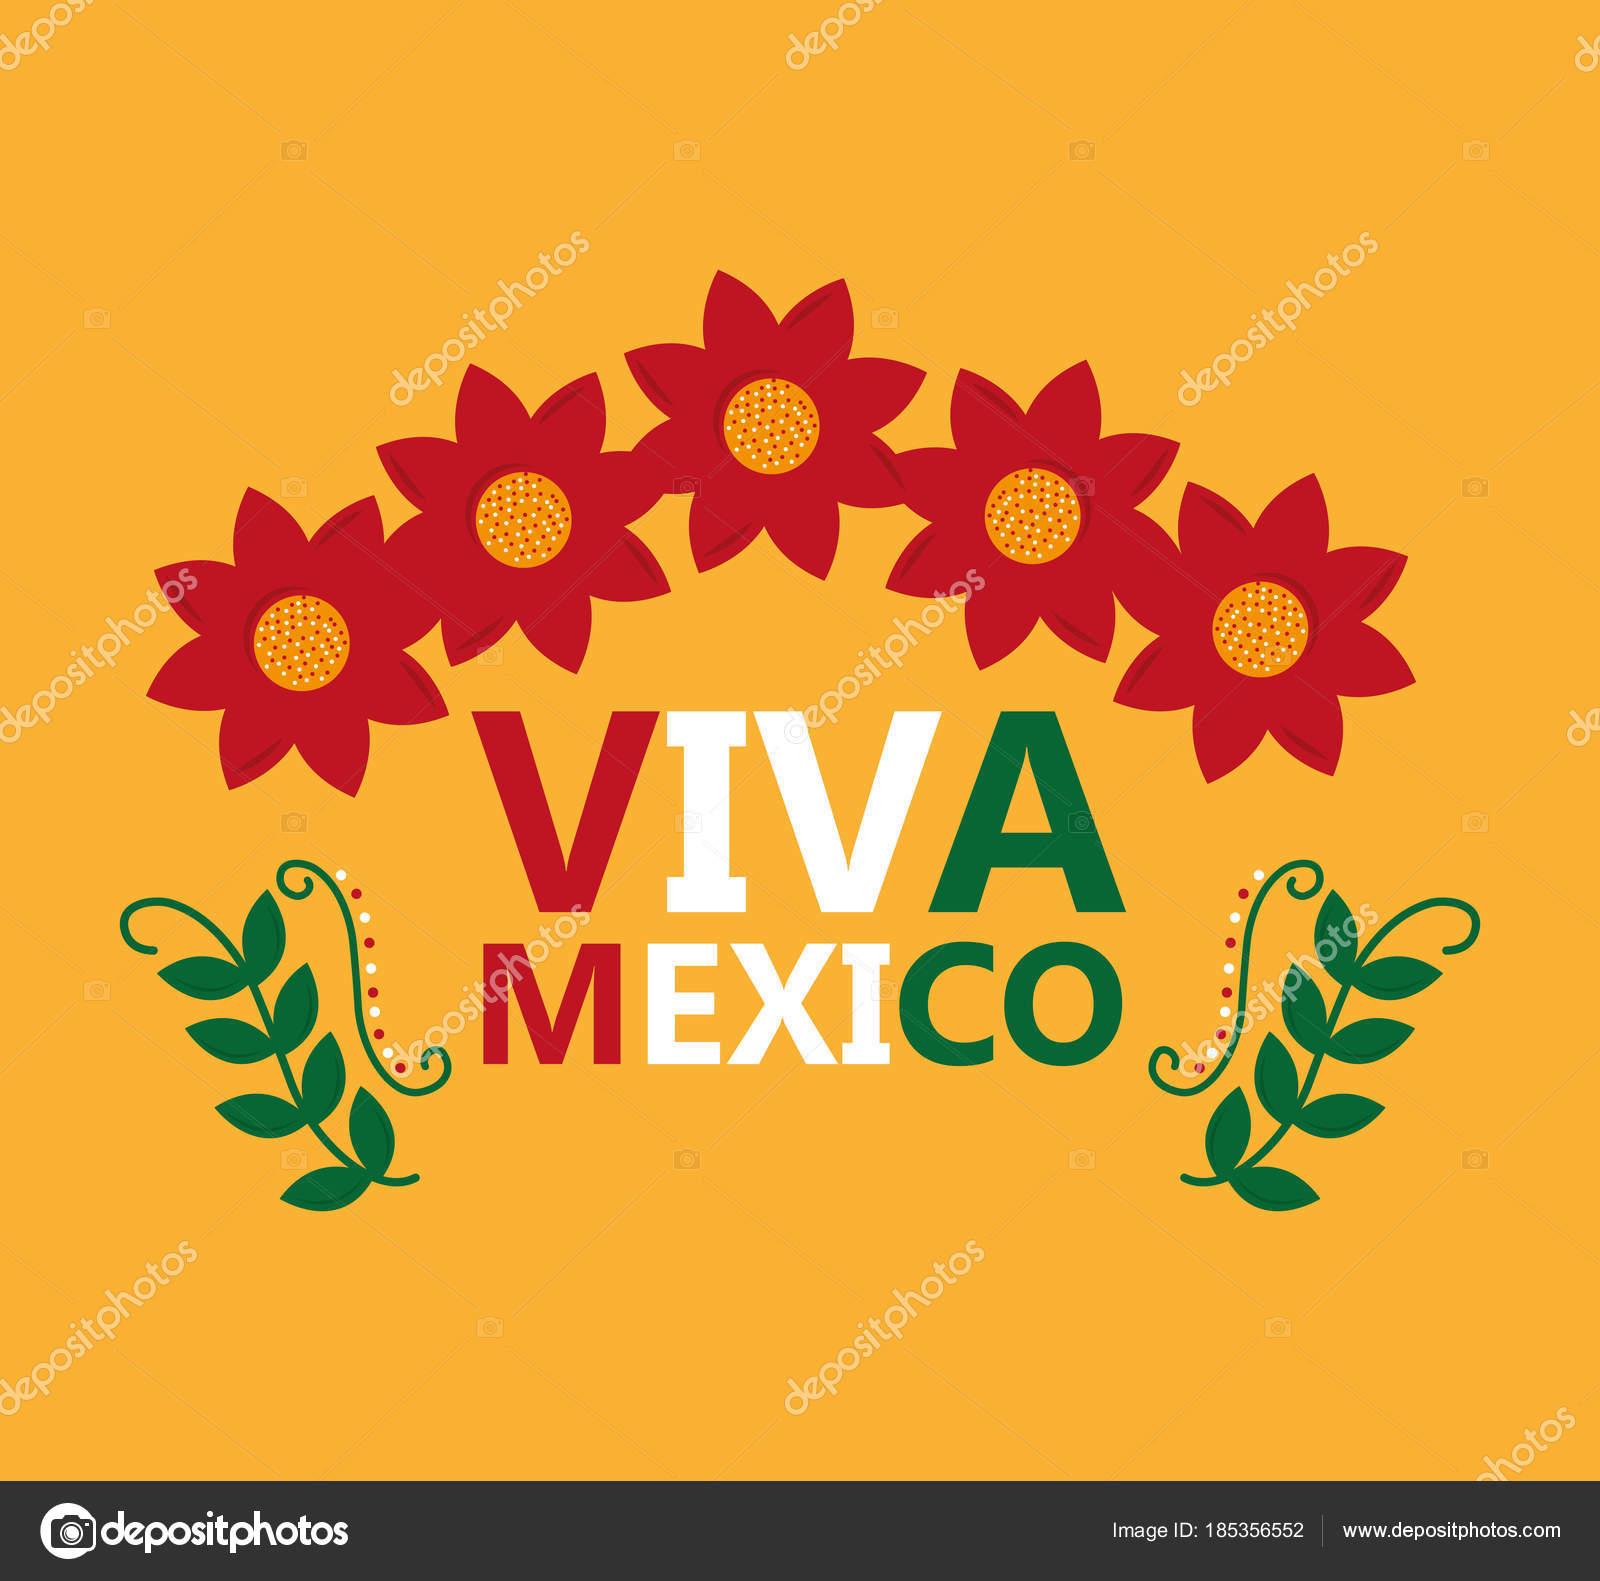 Imagenes Decoracion Viva Viva Mexico Letras Flores Deja